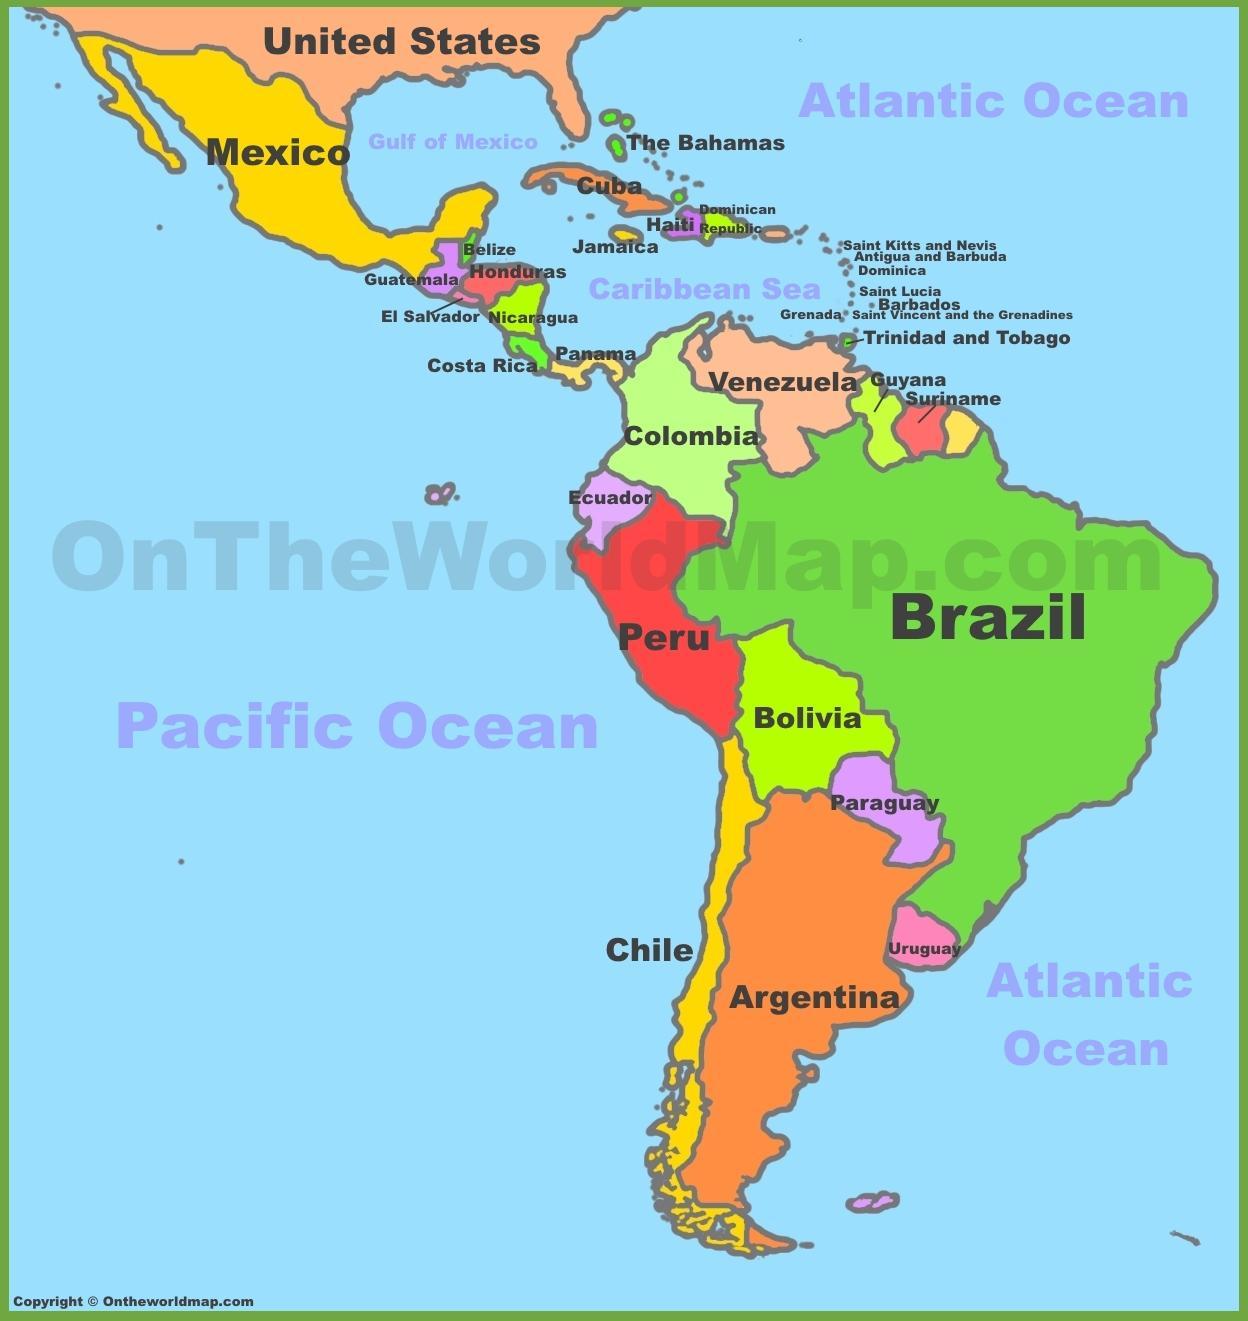 karta mexico Karta över Mexiko och sydamerika   Karta över Mexiko sydamerika  karta mexico